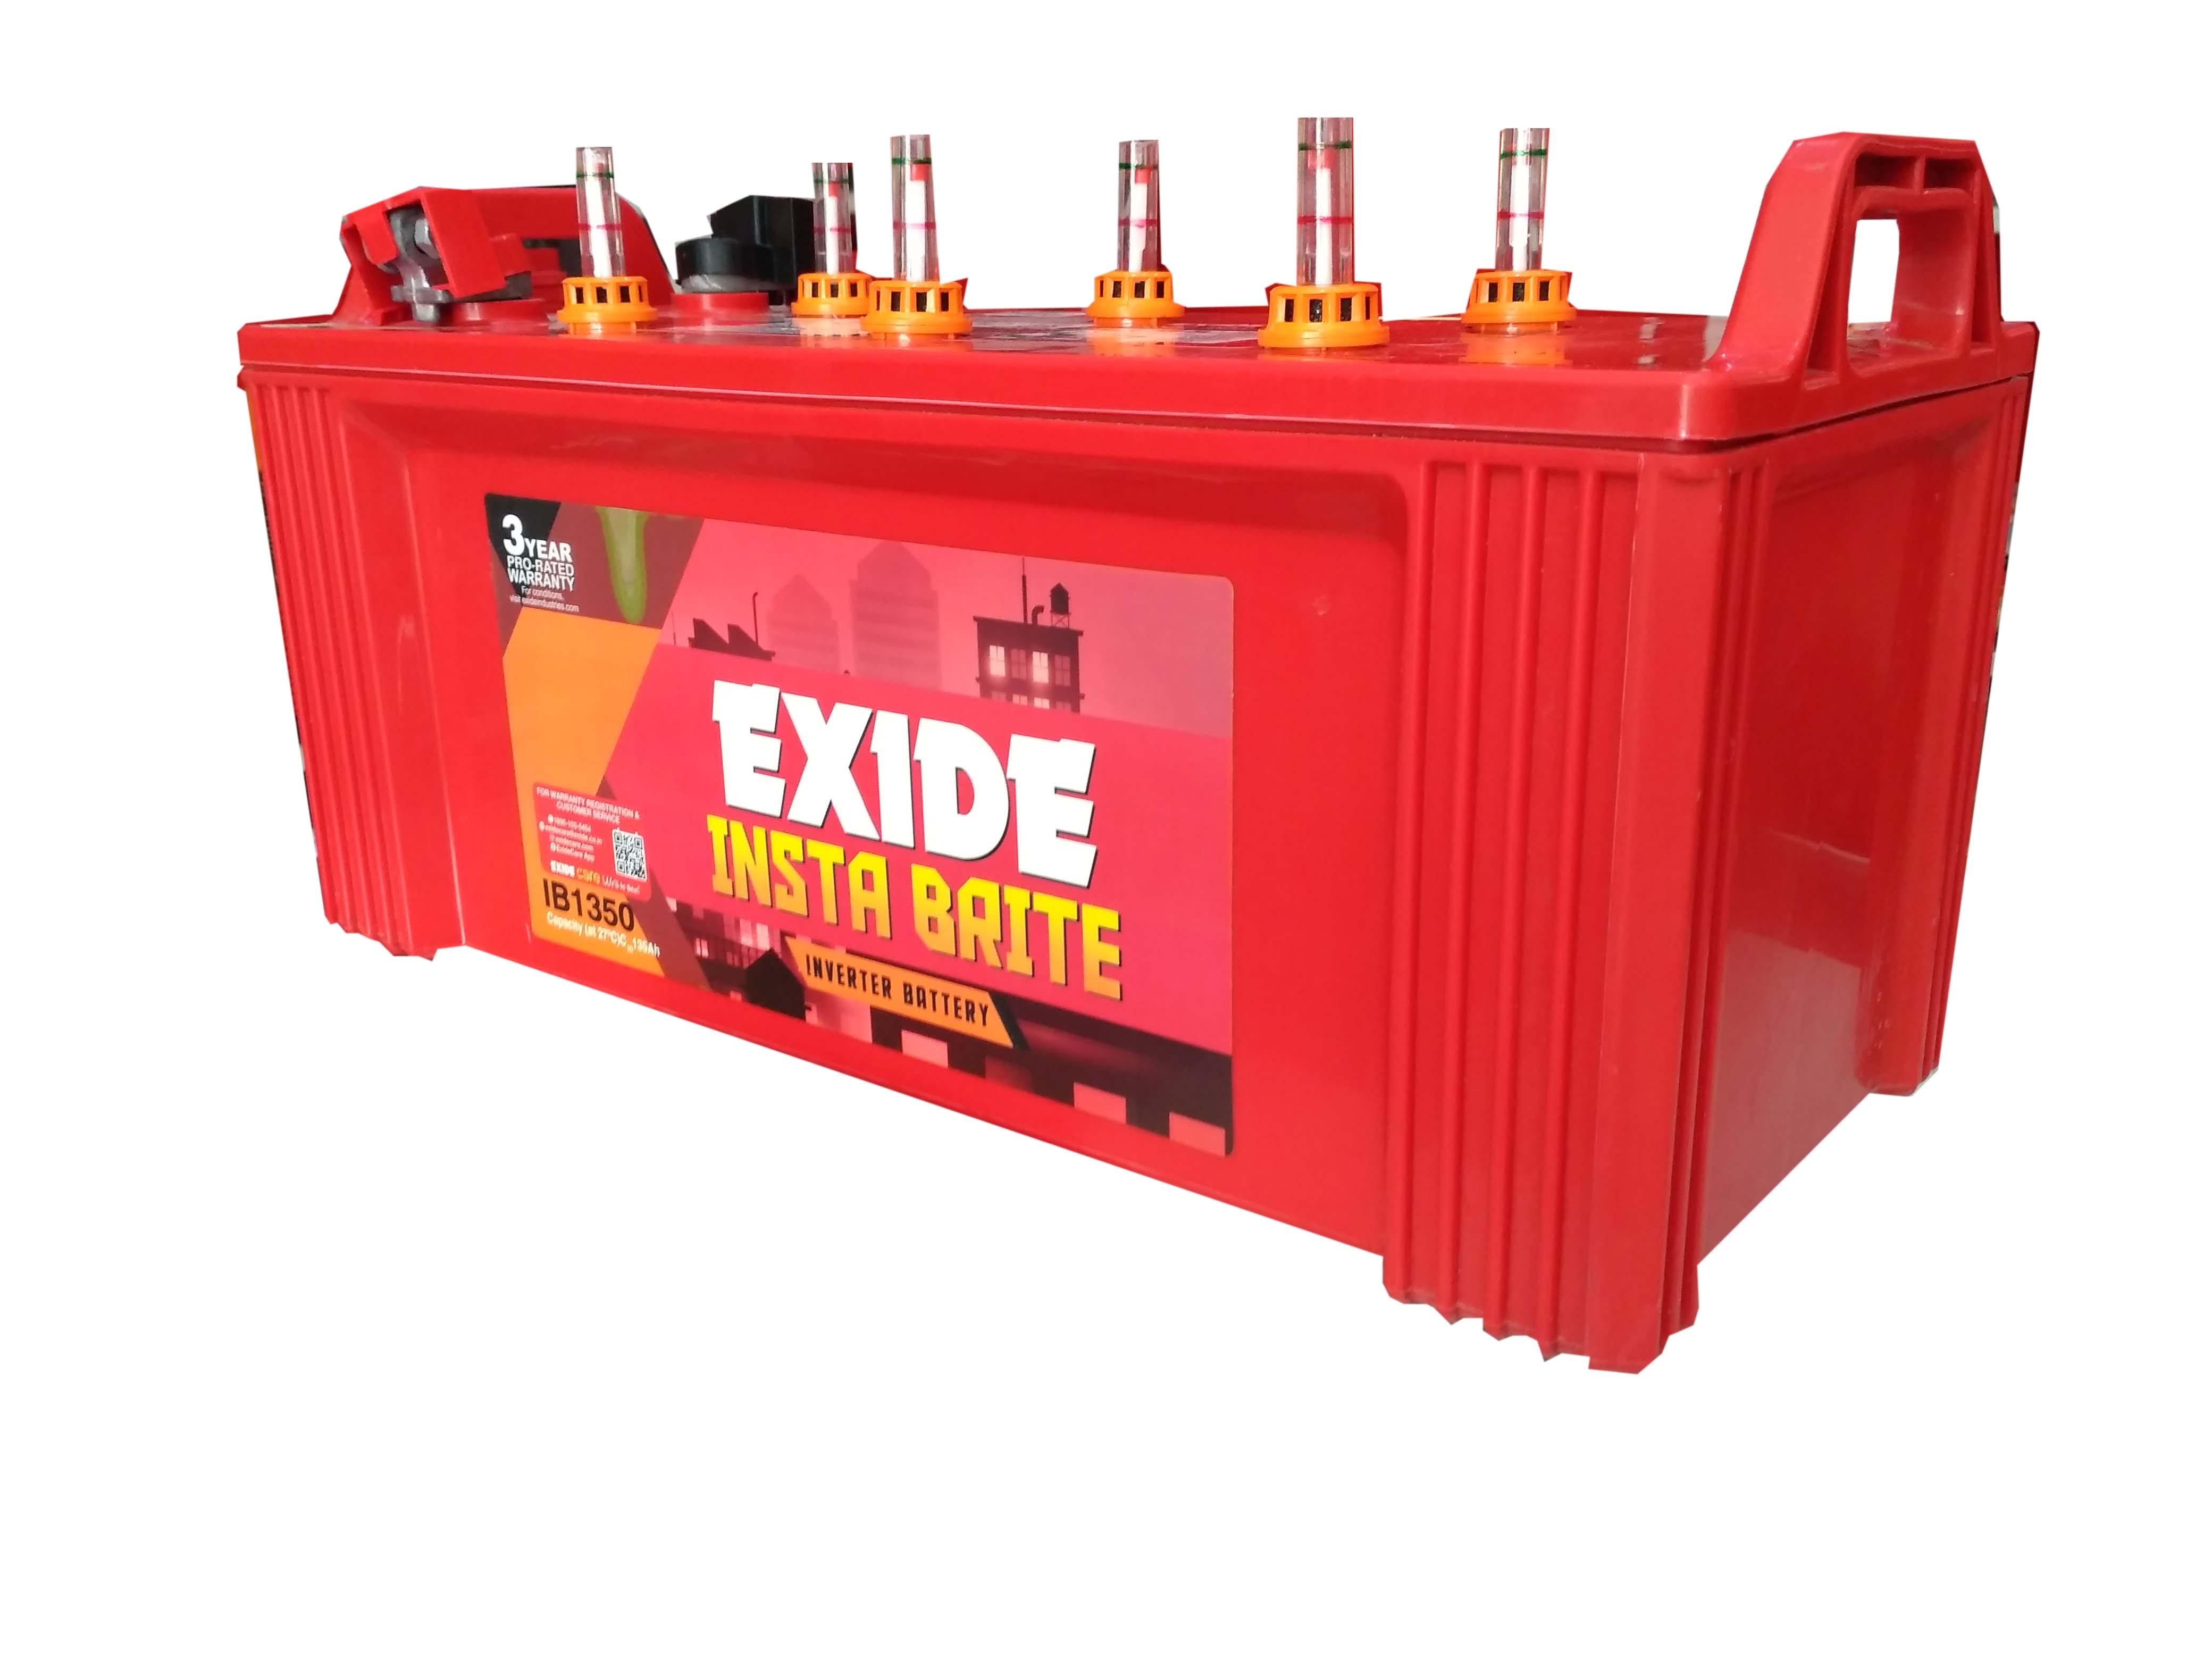 Exide Instabrite 1350 135 ah home ups battery